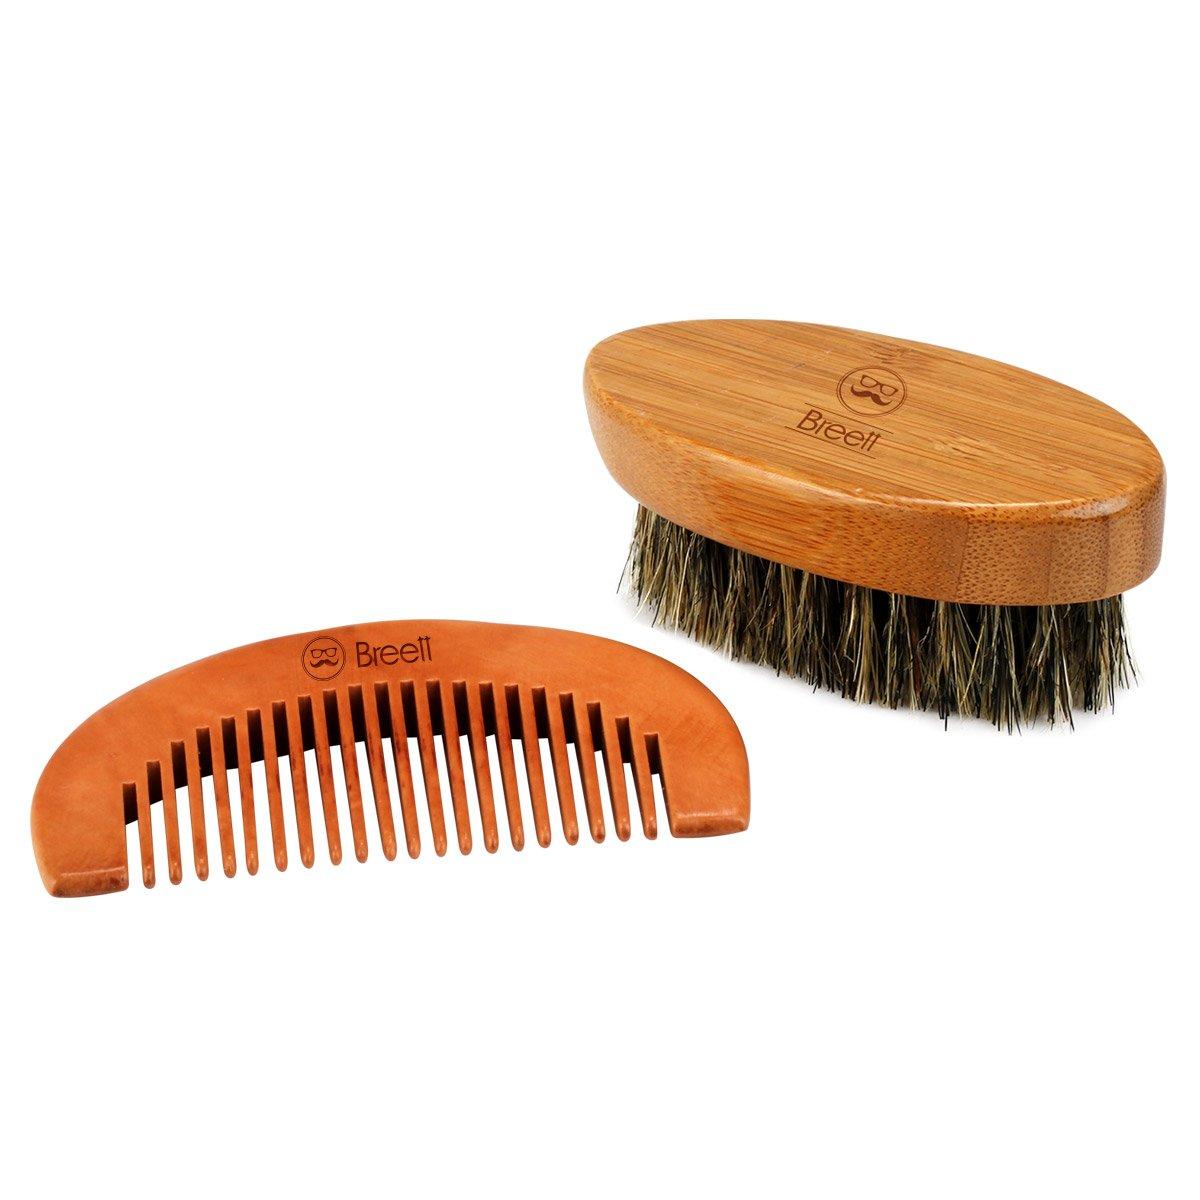 Breett Spazzola per barba, Pettine Barba, Pettine di precisione Kit di Pettinatura Barba compreso d